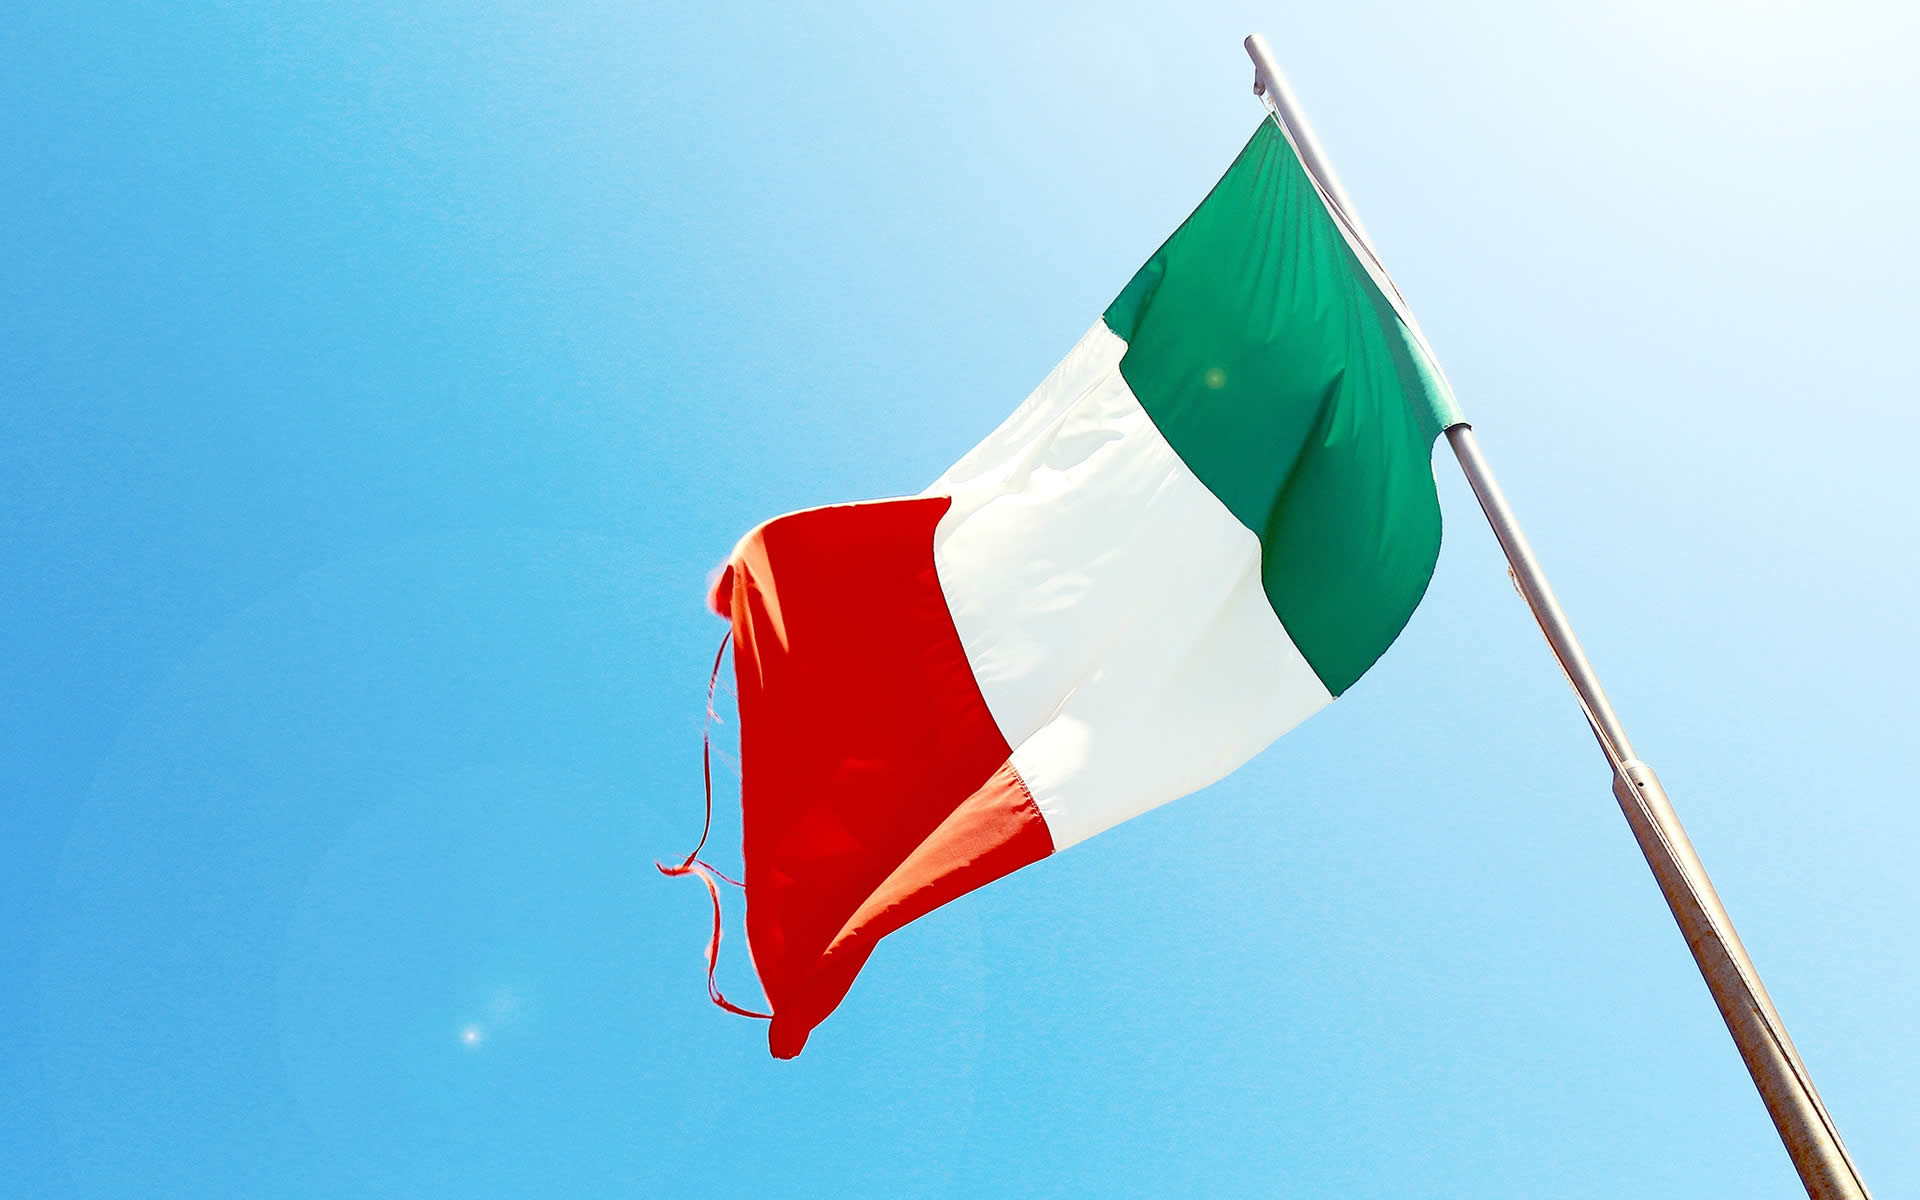 Italia promossa in riciclo: rifiuti stabili, cresce il recupero